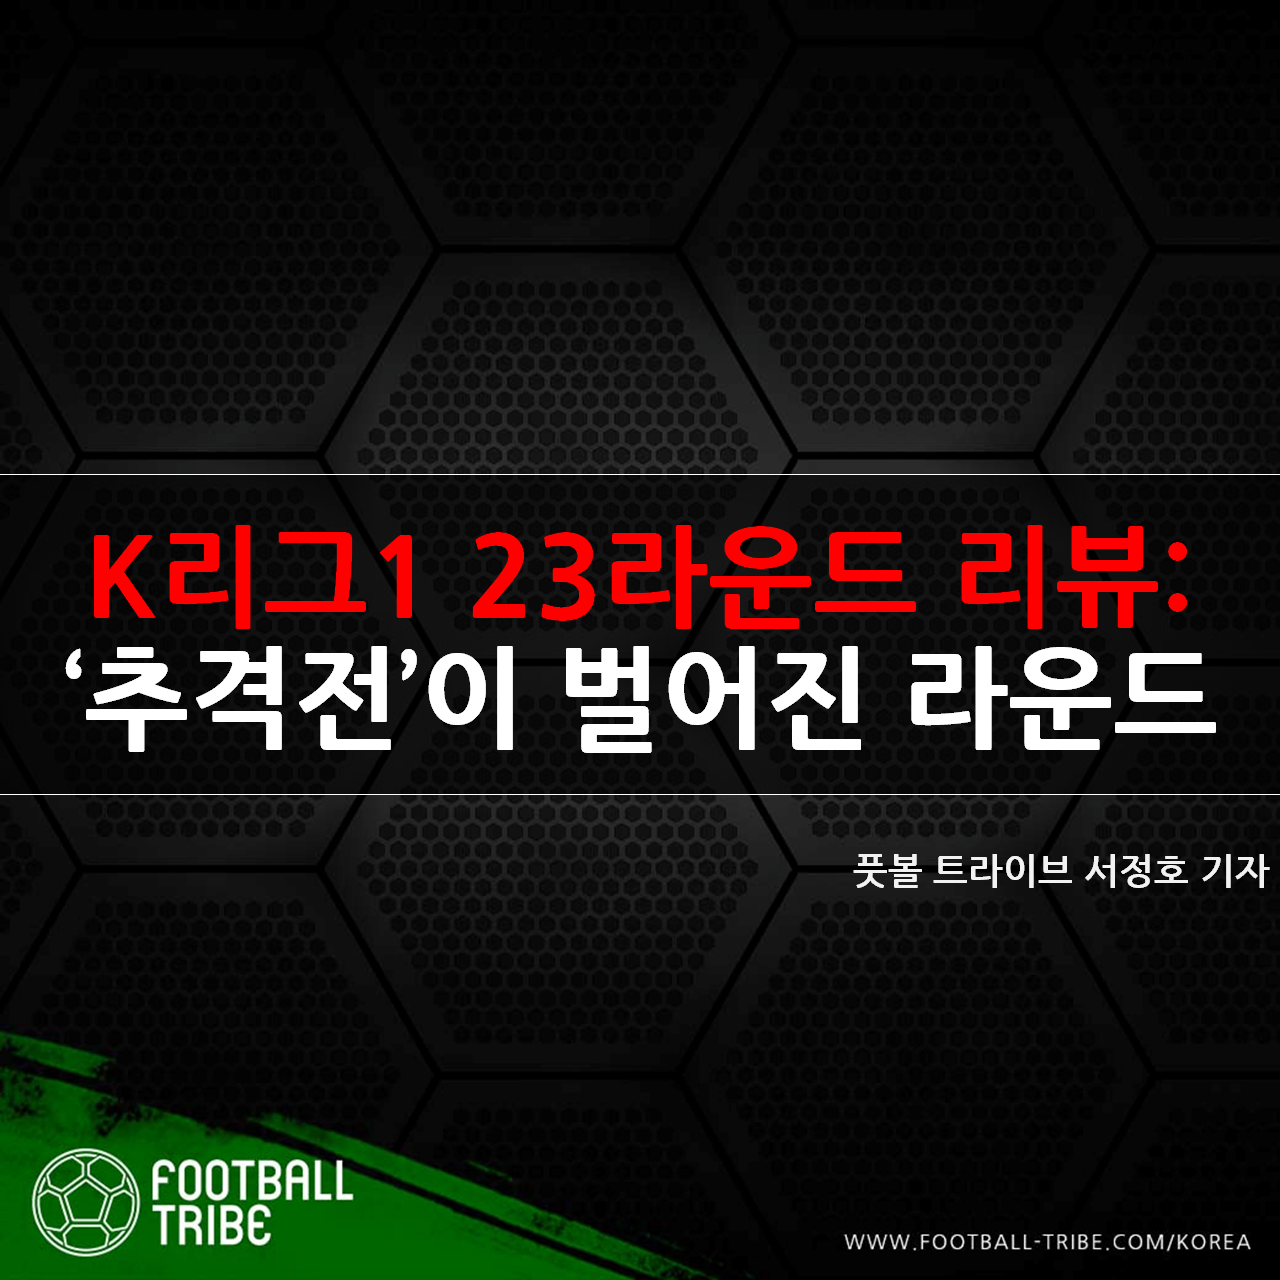 [K리그1 23라운드 리뷰] '추격전'이 벌어진 라운드